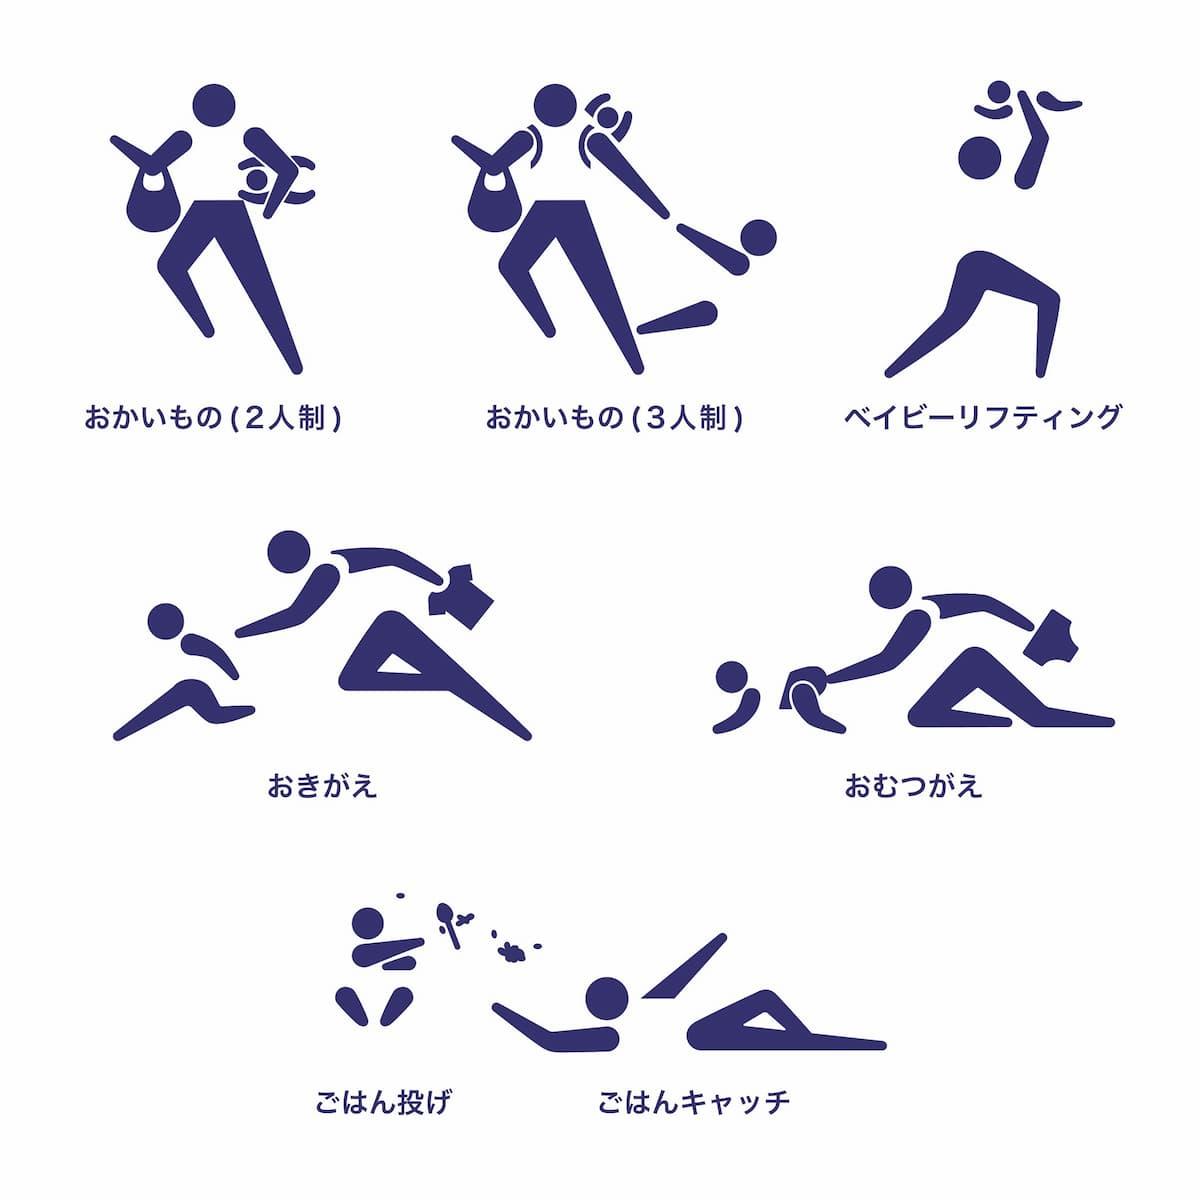 【ピクトグラム】ママリンピック(パパリンピック)2020競技種目一覧